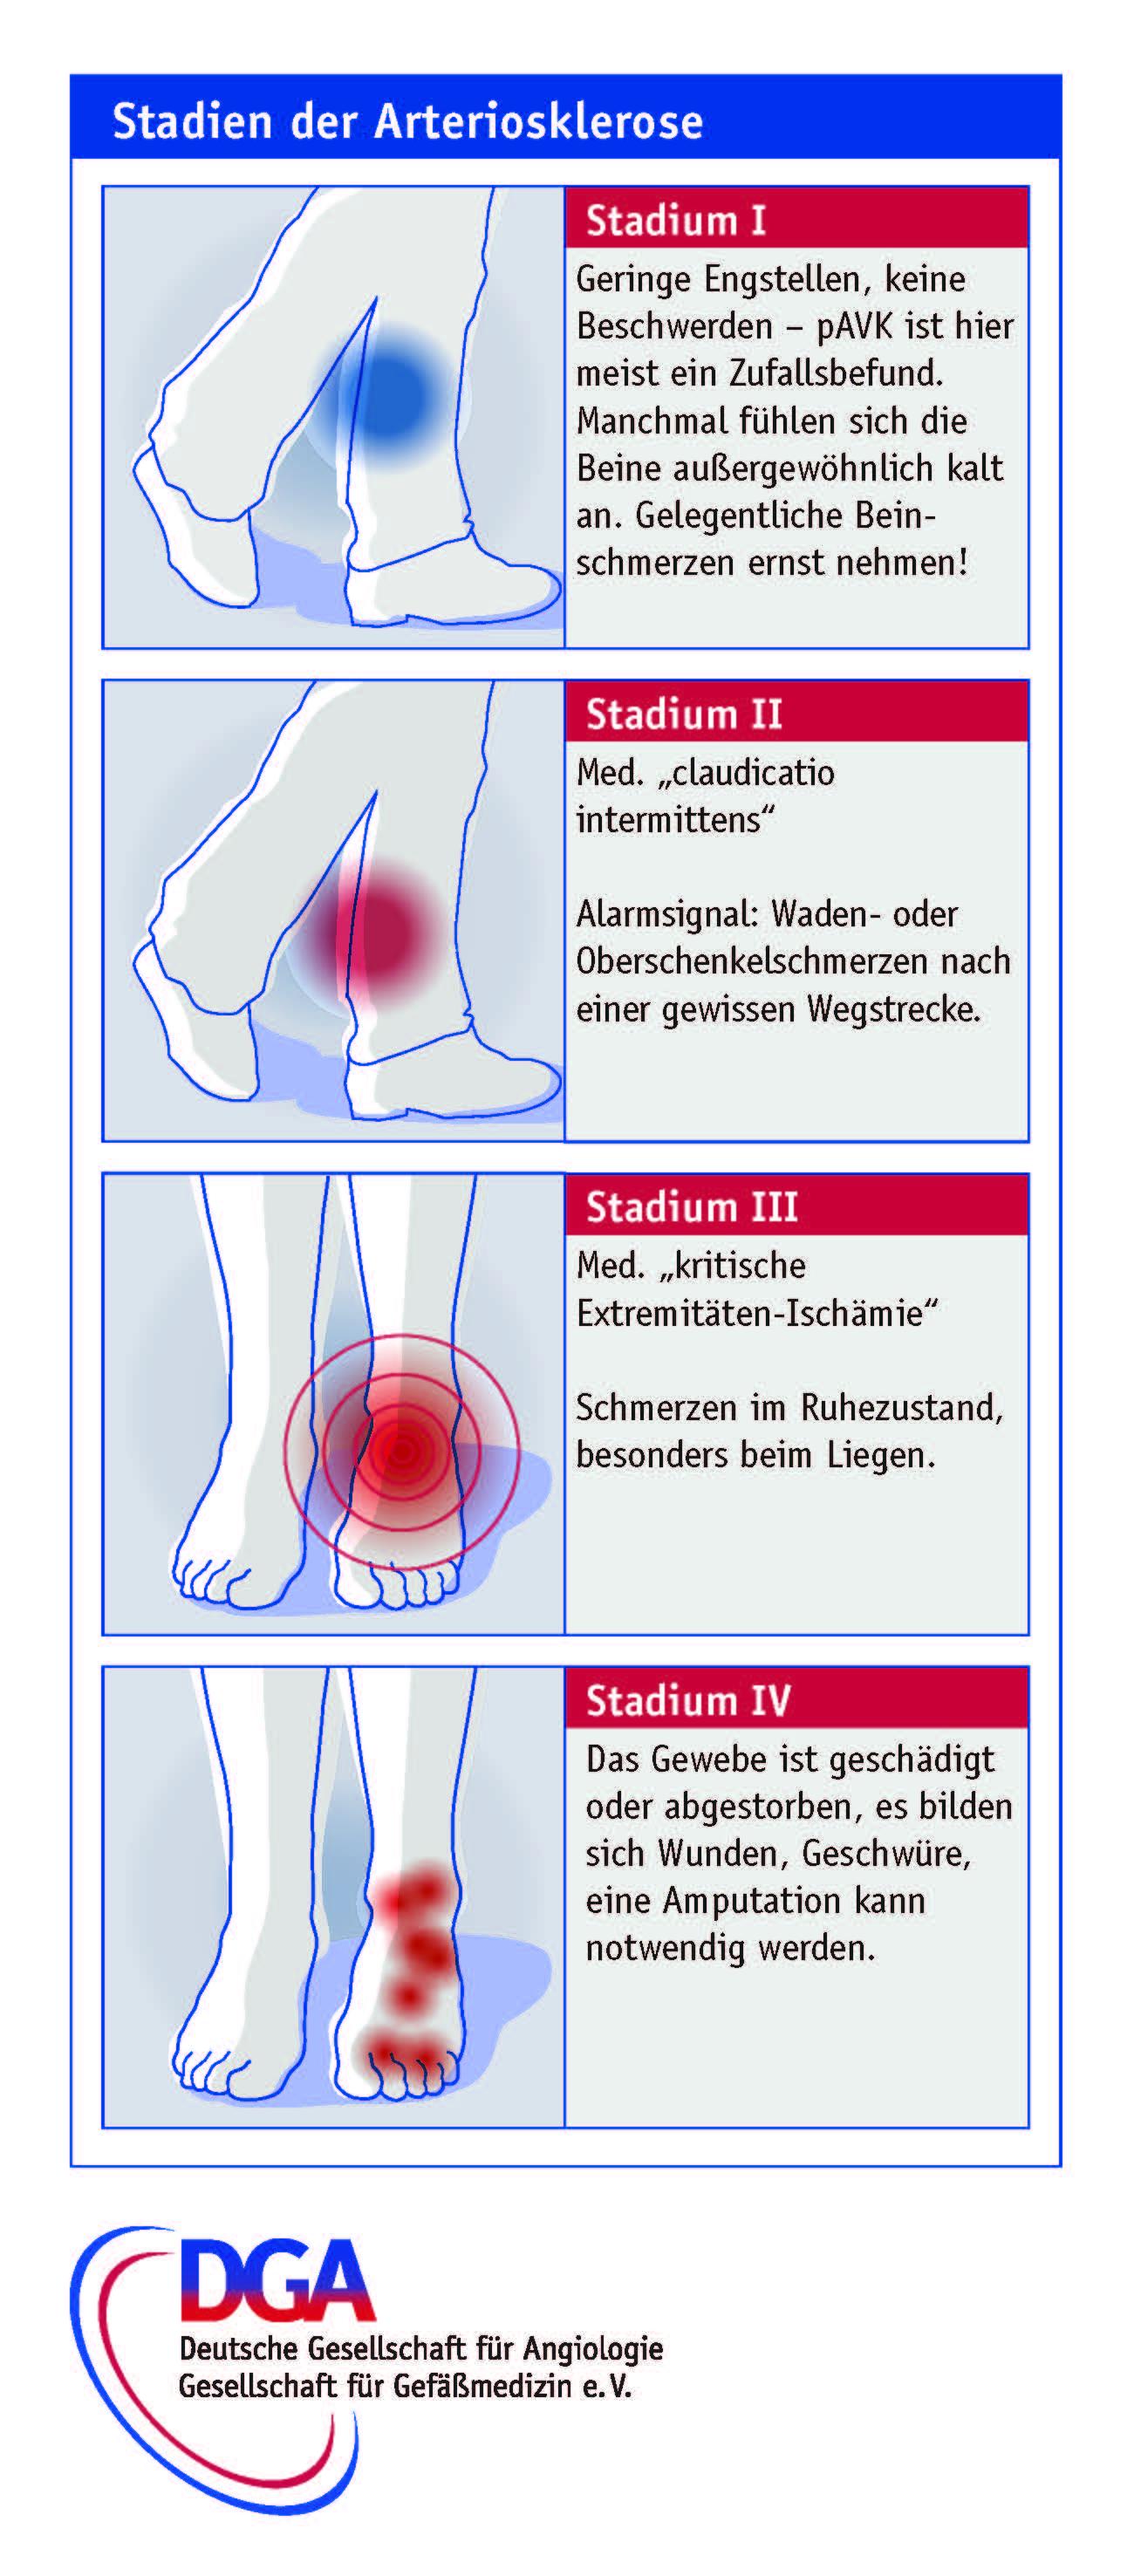 Stadien der Arteriosklerose